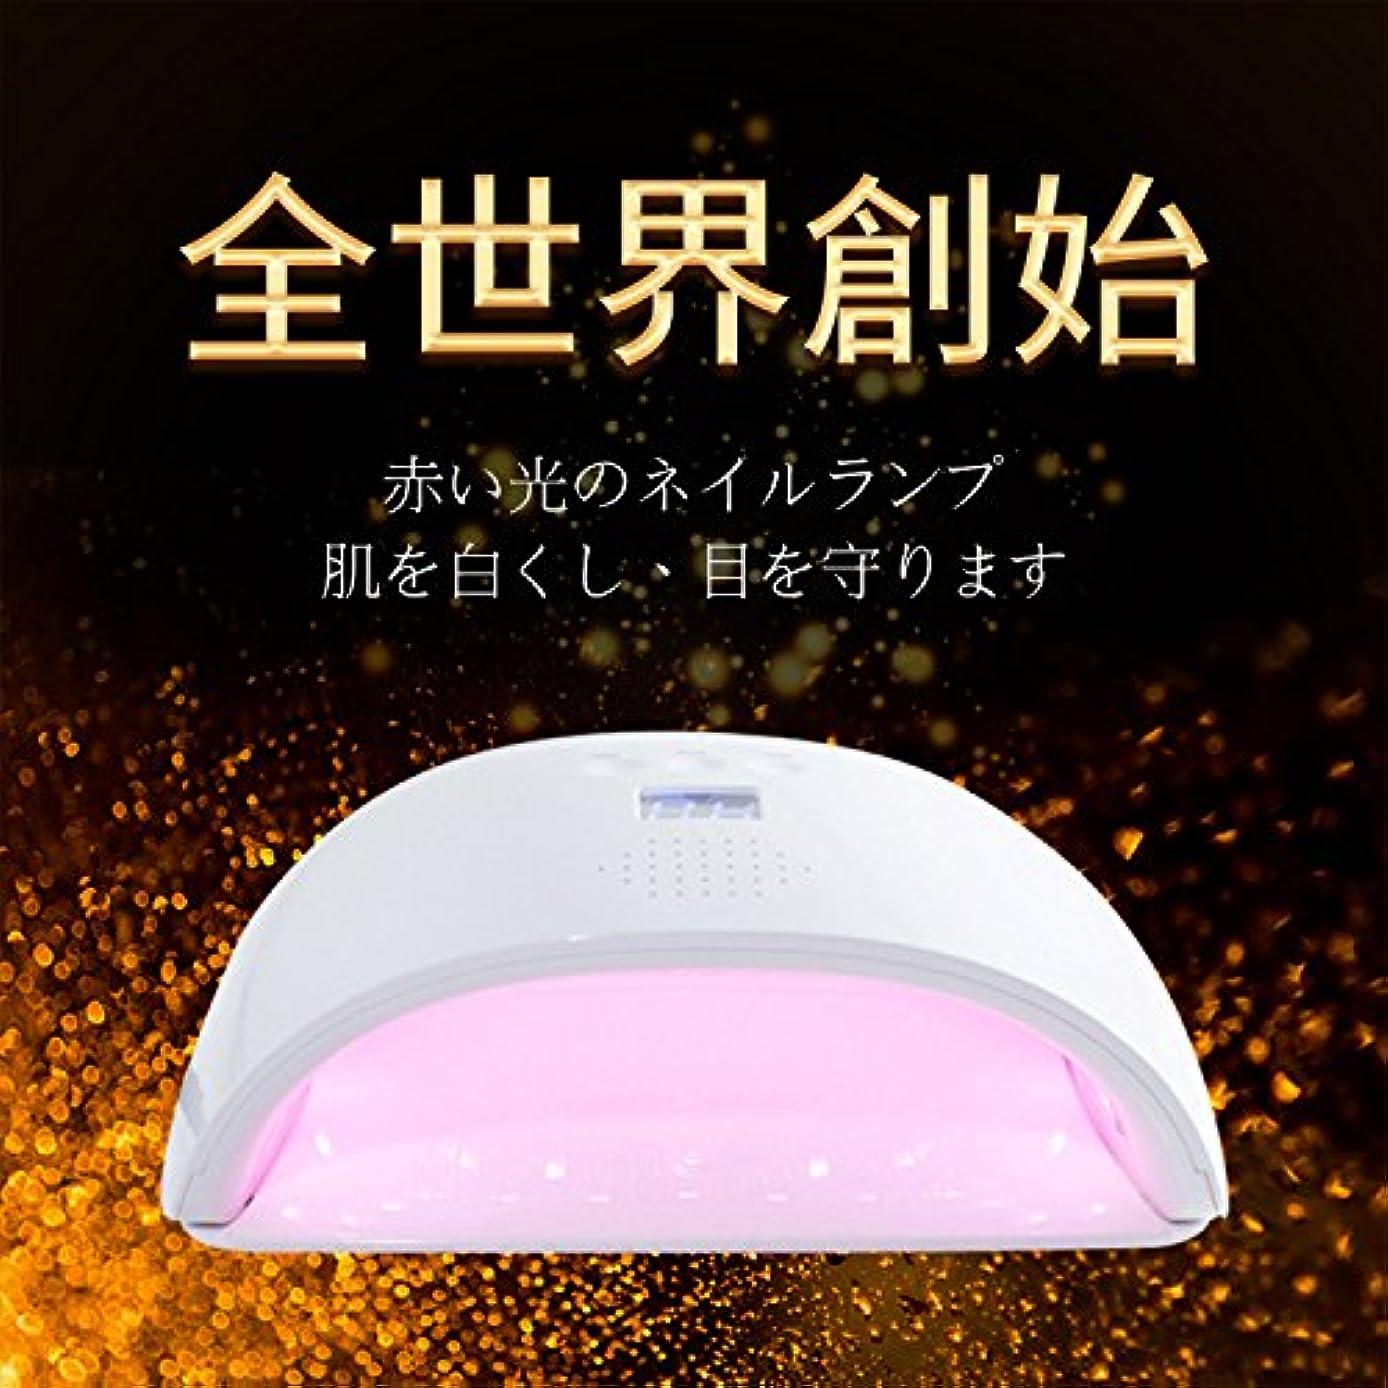 前提記憶耐久Halicer 48W UV LED ネイルドライヤー 人感センサー 自動オンオフ 30S/60S/90Sタイマー設定 取り外し式 手と足両用 22粒UV LDEダブルライト